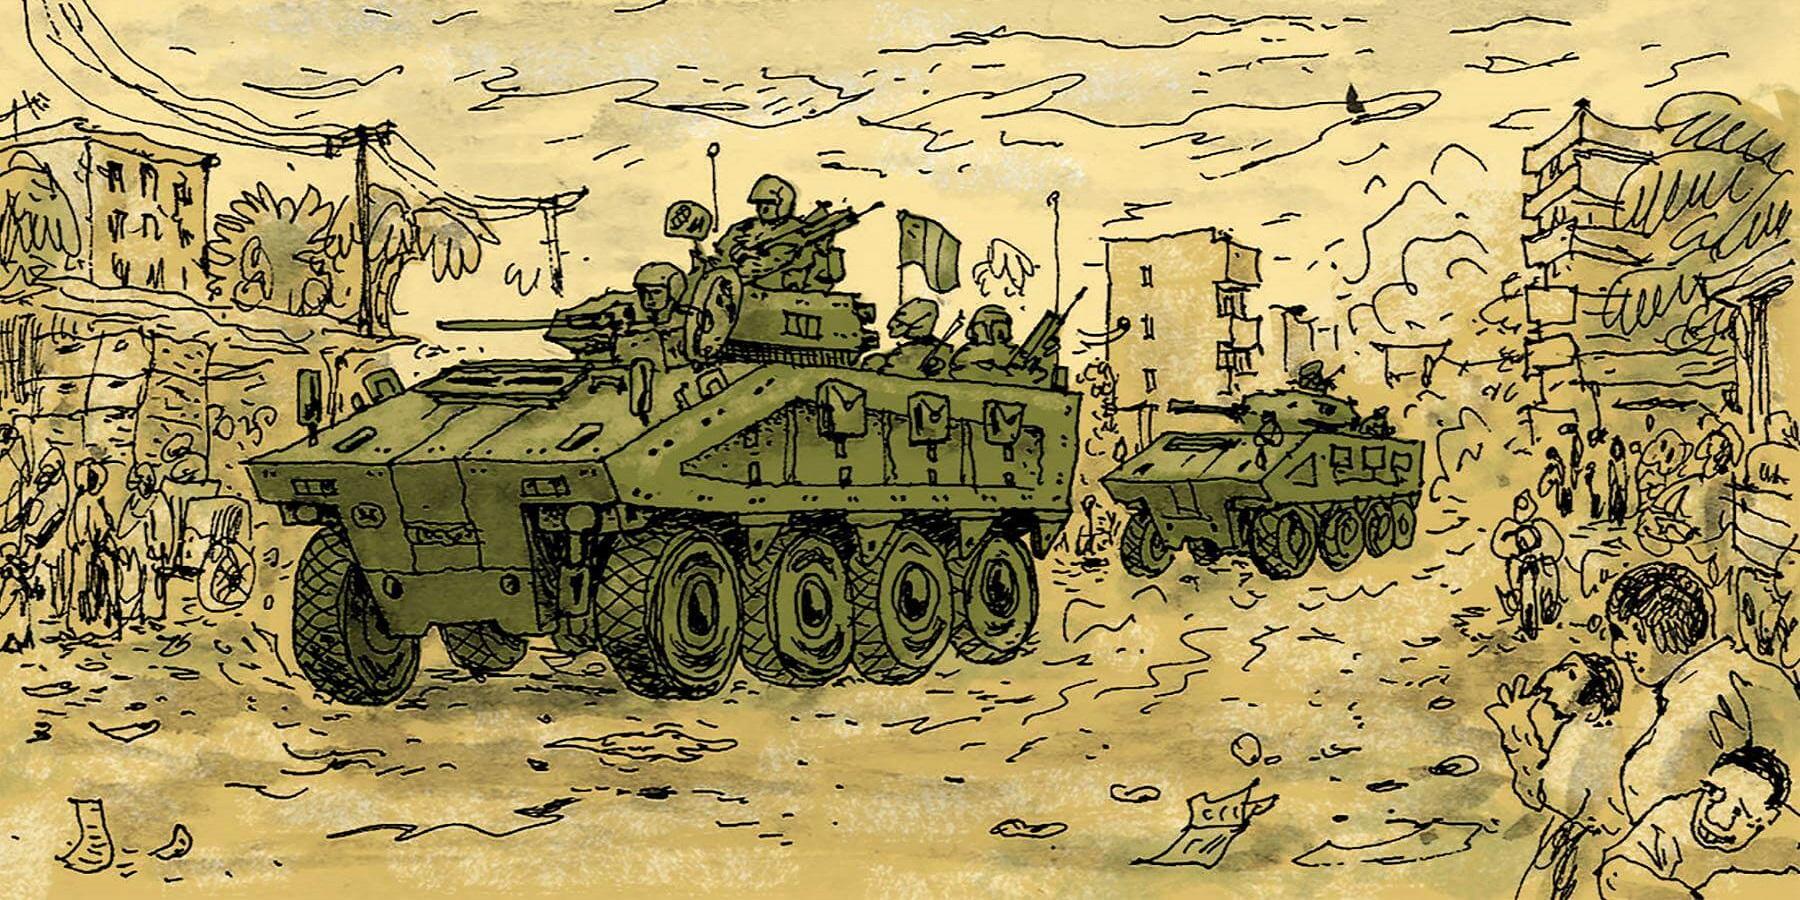 Tirs accidentels, beuveries, harcèlement: Bienvenue au tribunal de l'armée